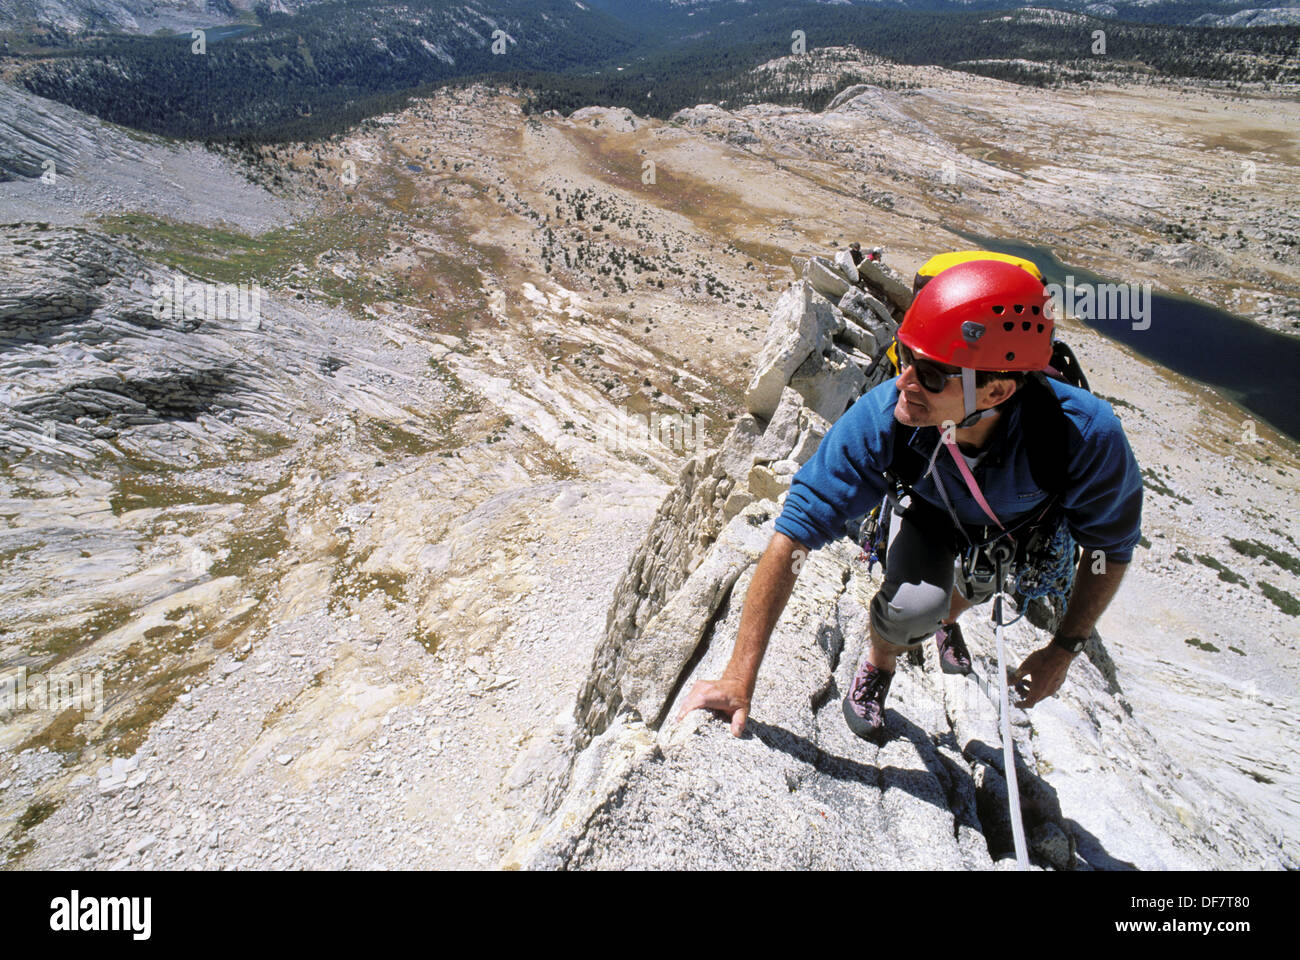 Klettersteig Yosemite : Bergsteiger auf der west ridge von mount conness tuolumne meadows